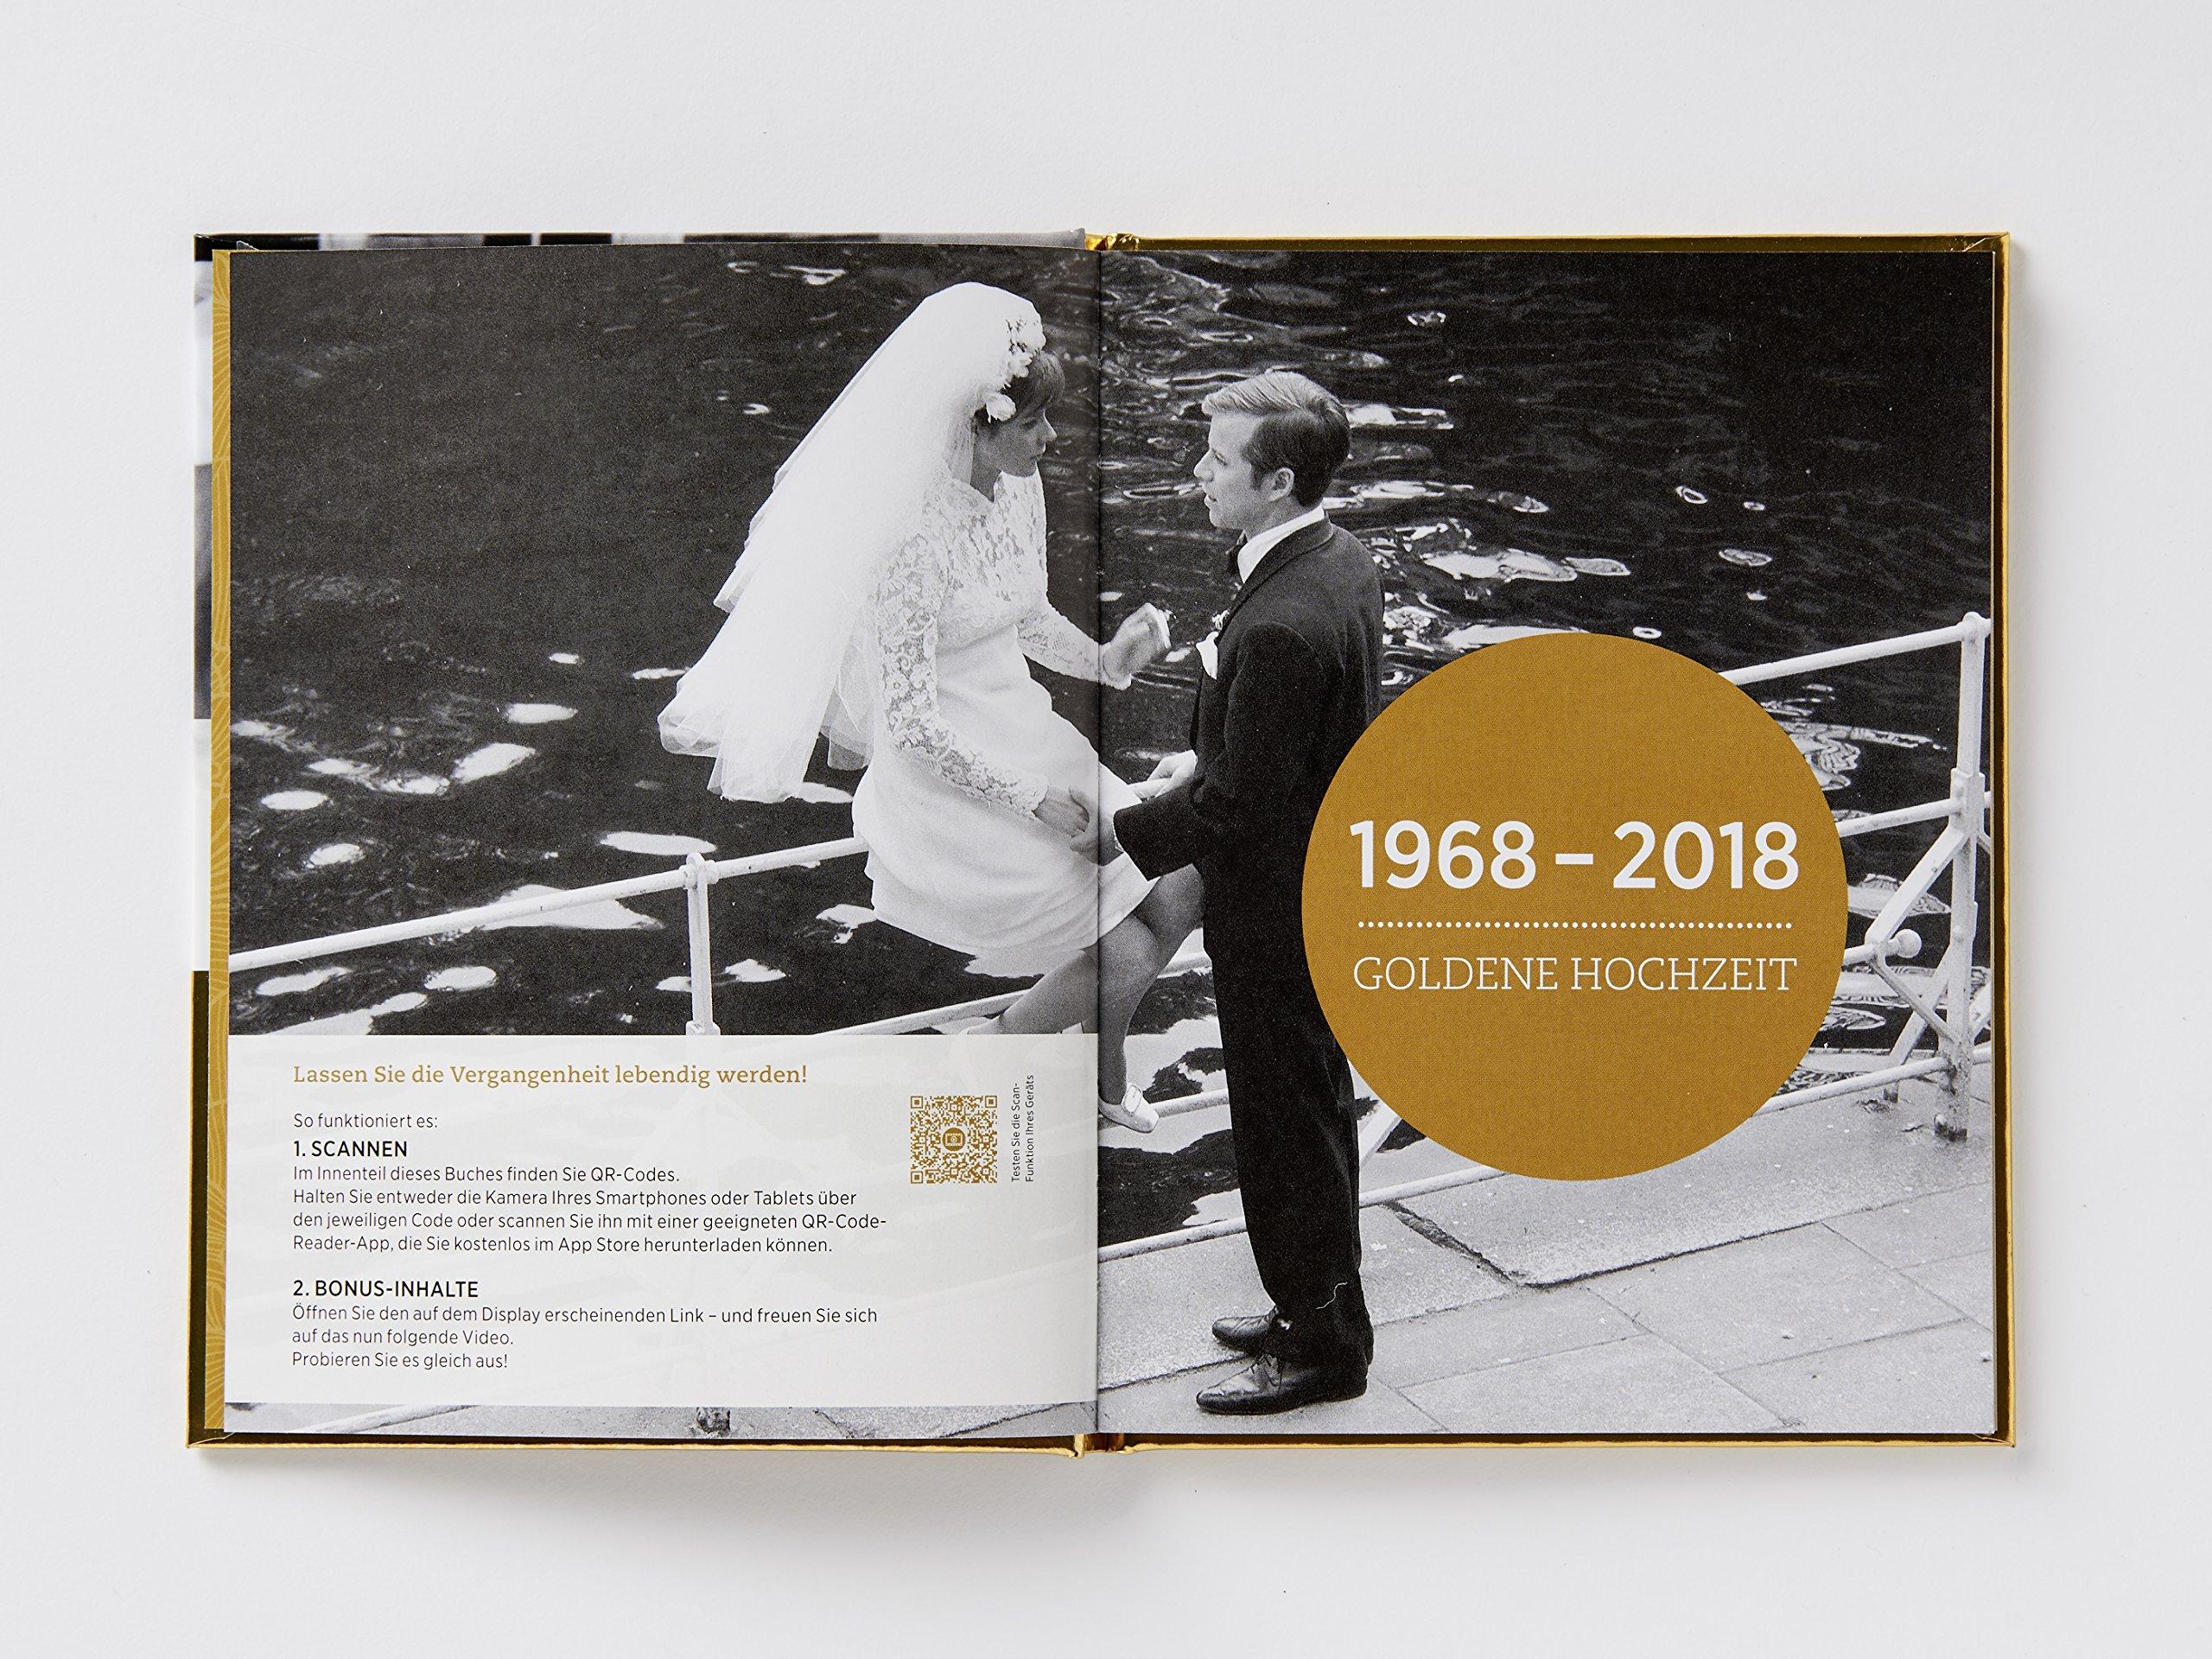 Goldene Hochzeit 1968 2018 Amazonde Bã¼cher